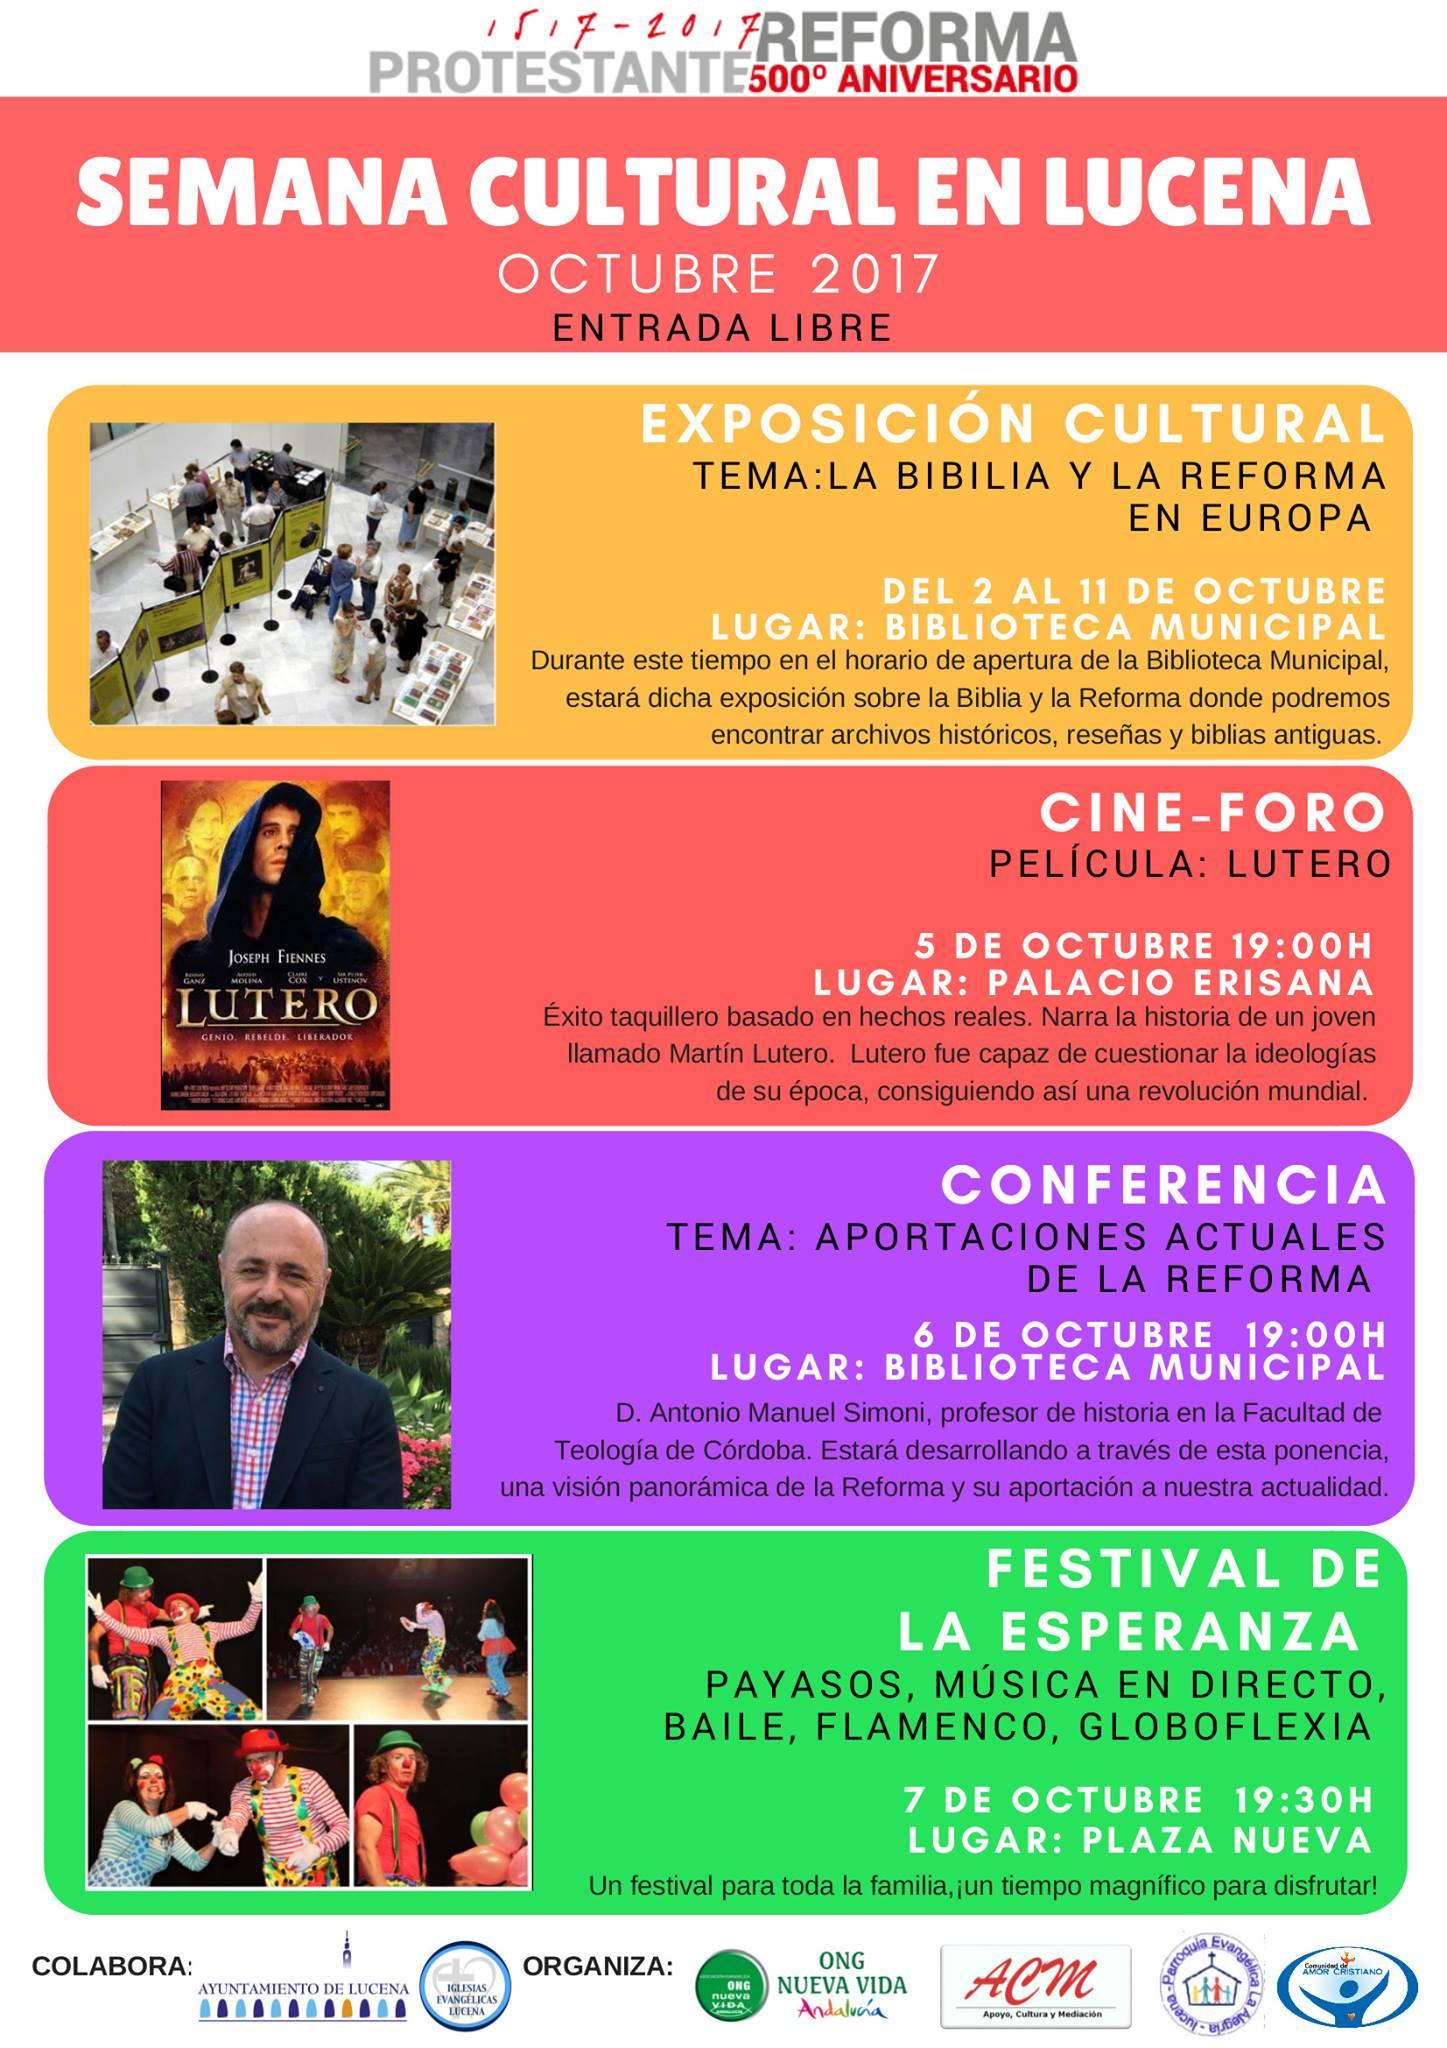 Semana Cultural: 500 aniversario de la Reforma Protestante @ varios espacios